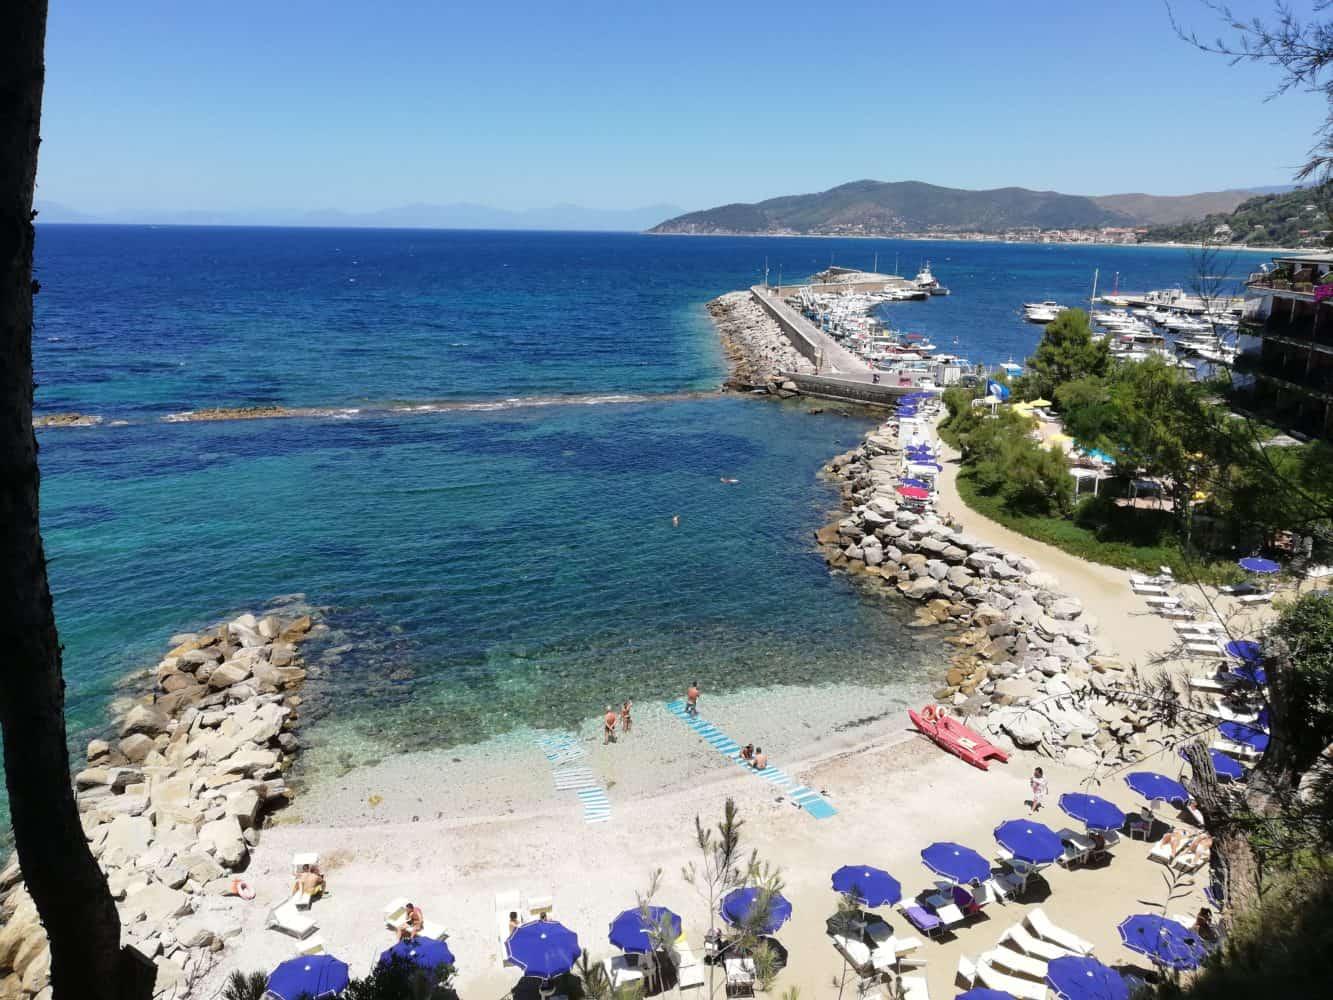 spiaggia hotel approdo resort san marco di castellabate